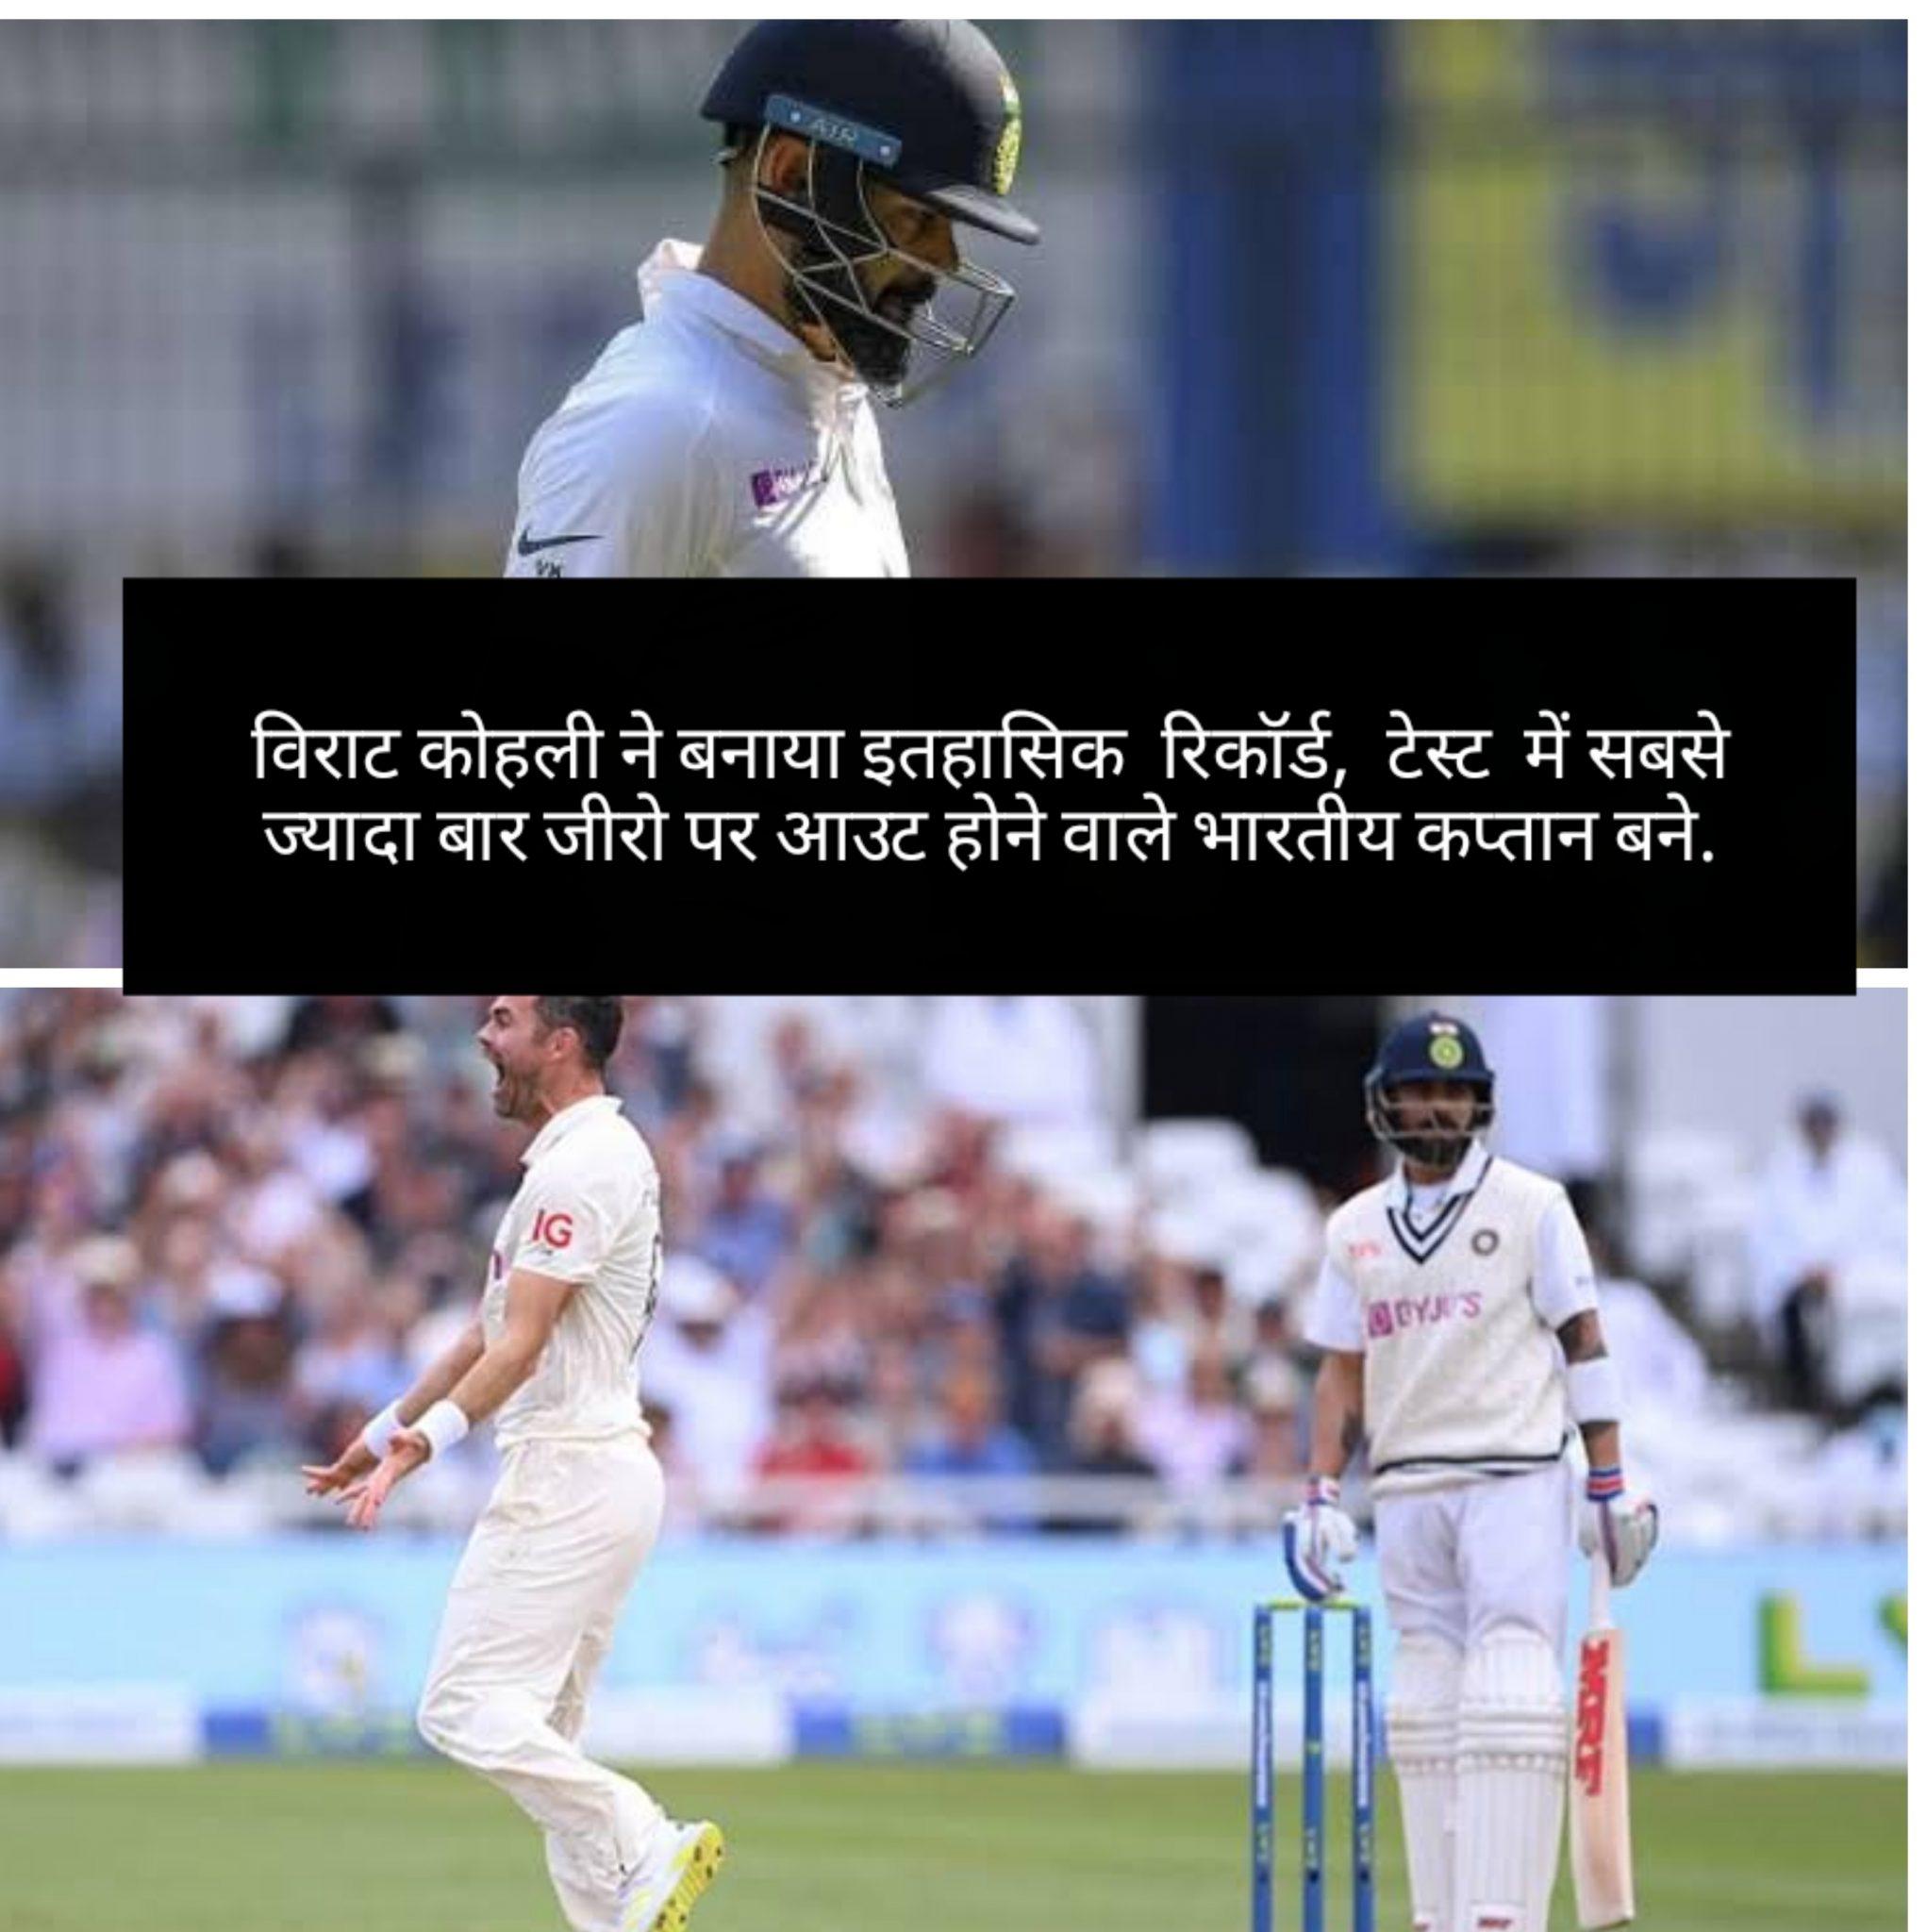 विराट कोहली ने बनाया इतहासिक रिकॉर्ड, टेस्ट में सबसे ज्यादा बार जीरो पर आउट होने वाले भारतीय कप्तान बने.